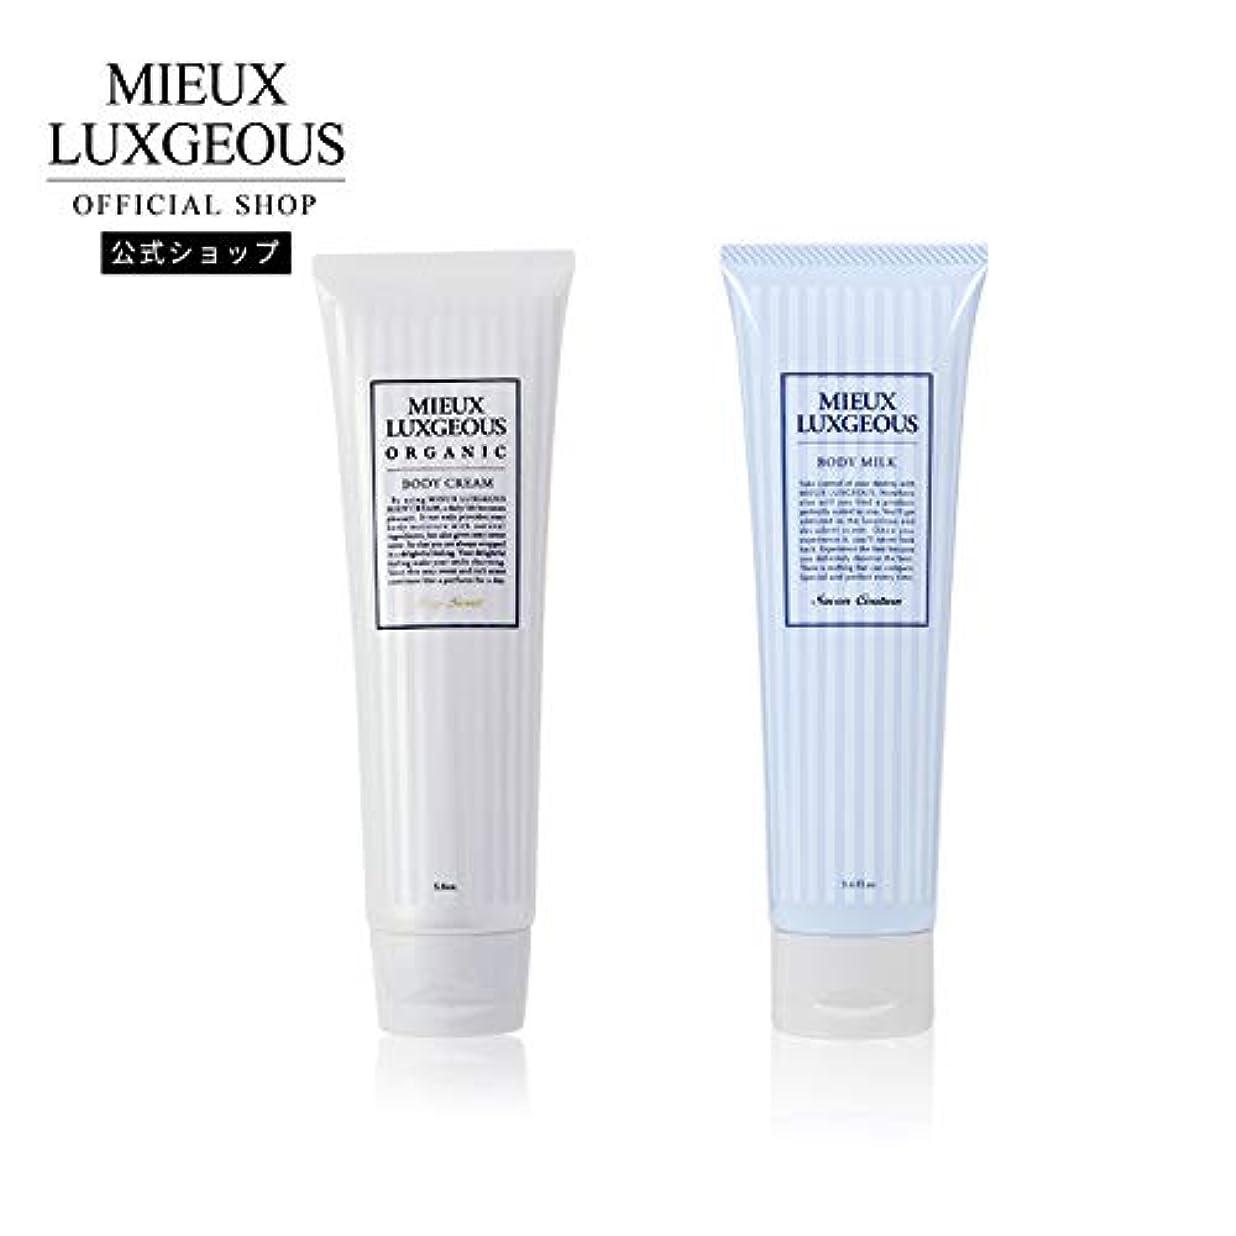 裏切り者聴覚障害者の前でミューラグジャス ボディクリーム&ボディミルク Sexy Sweetの香り&Savon Coutureの香り